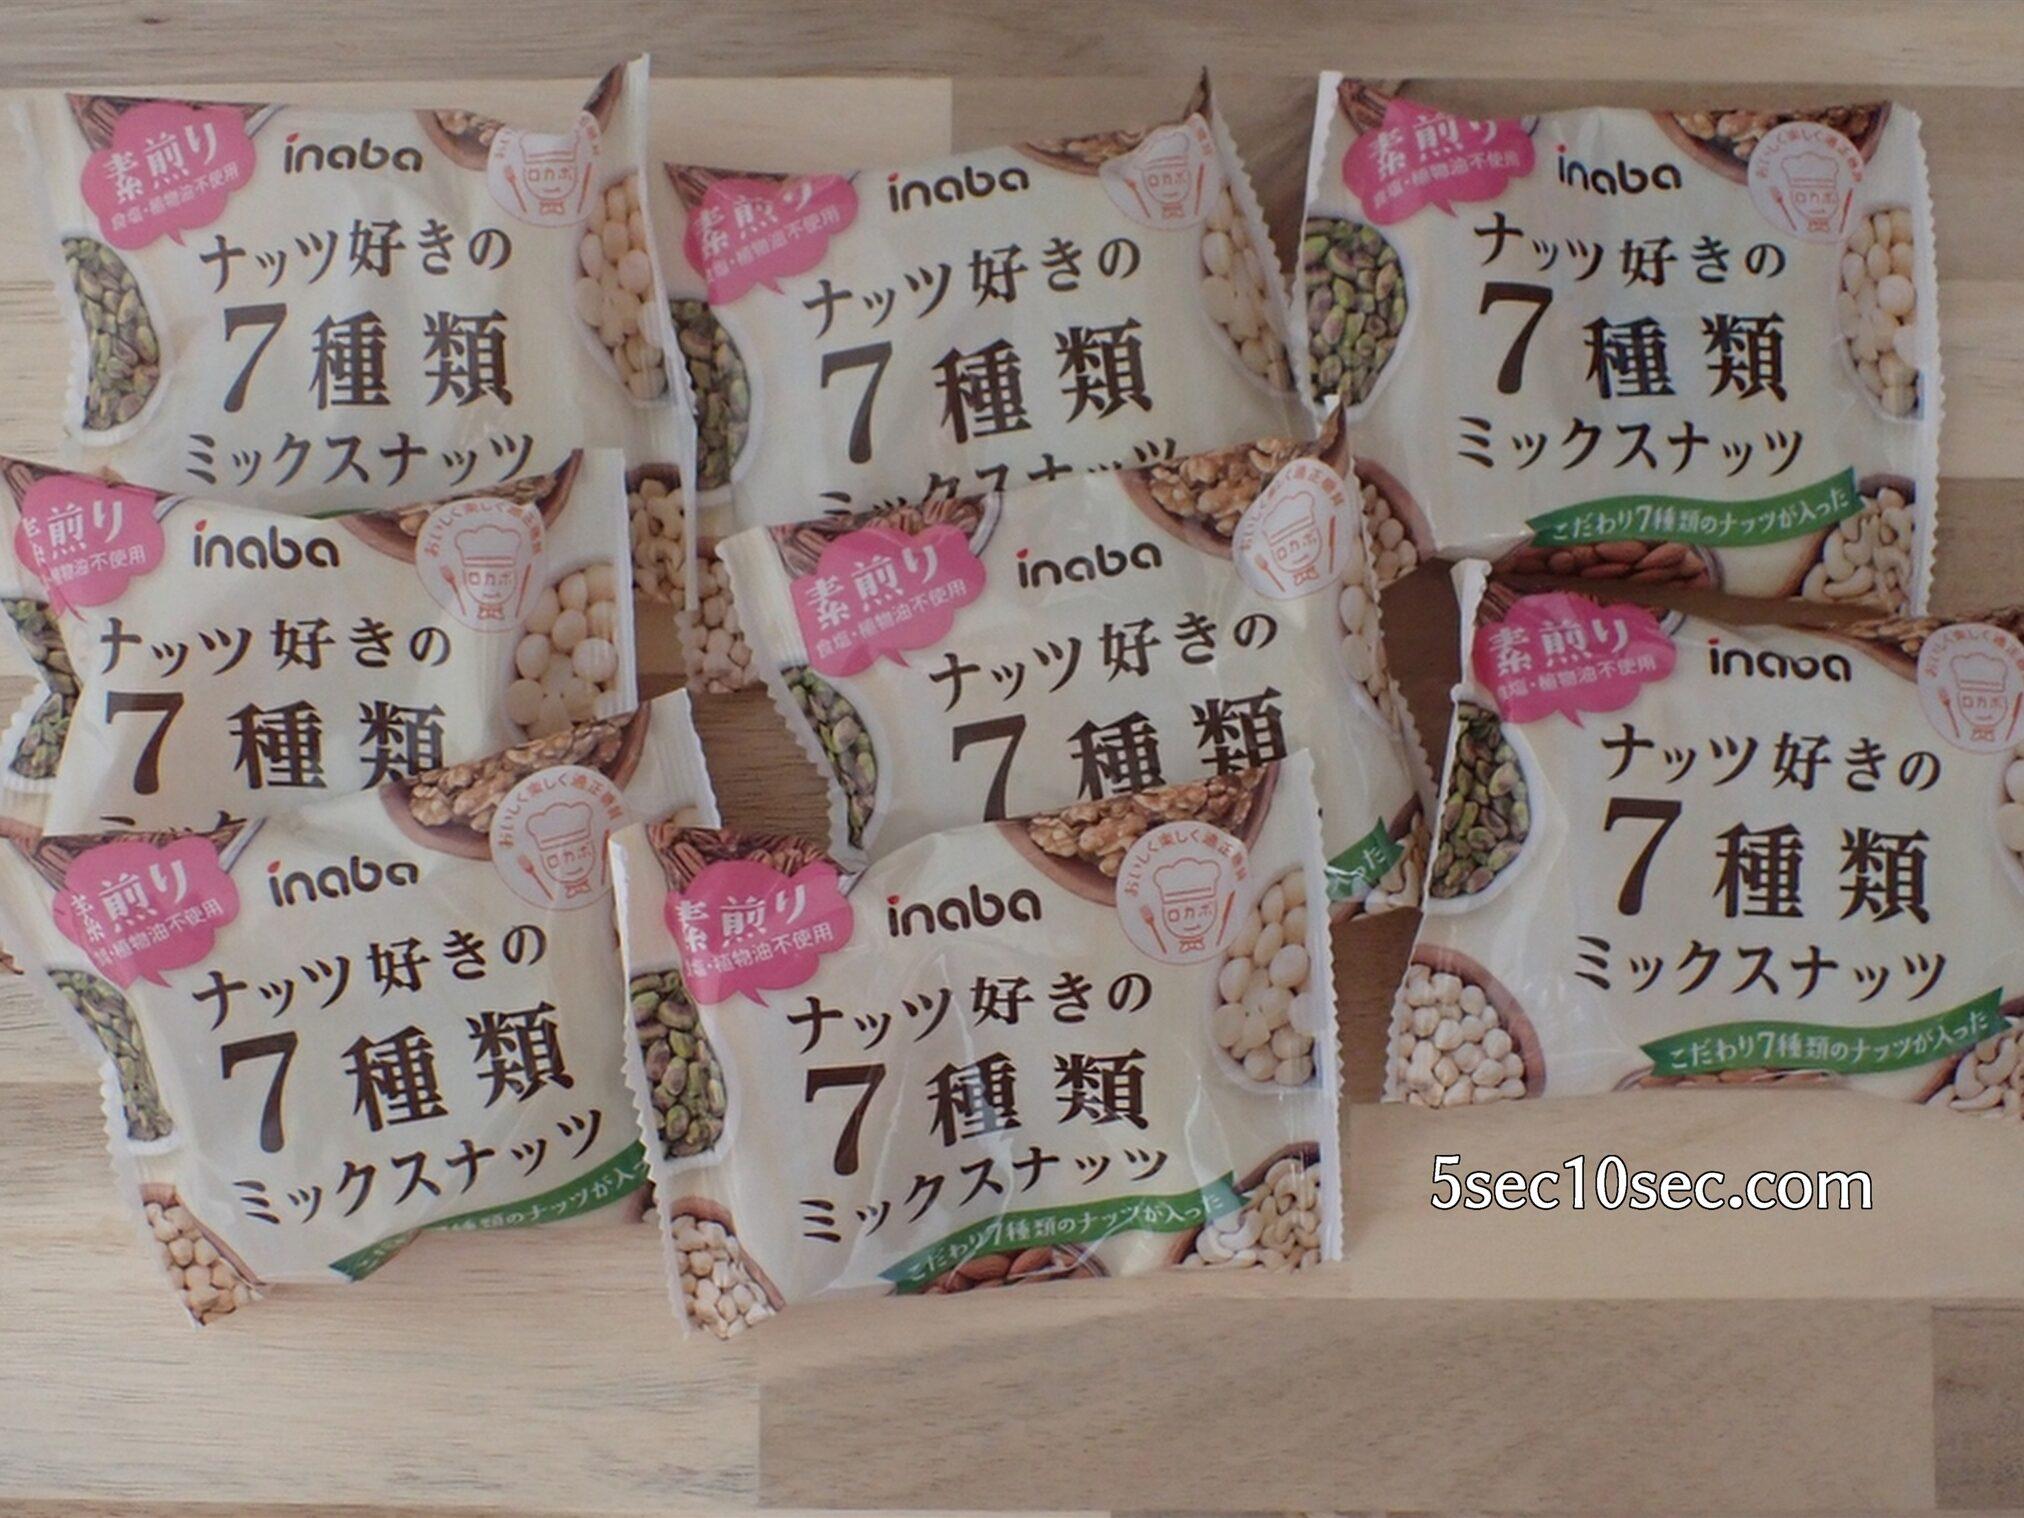 1袋に7袋、個包装で一週間分入っています(今回は増量パックだったので8袋です) 稲葉 inaba ナッツ好きの7種類ミックスナッツ